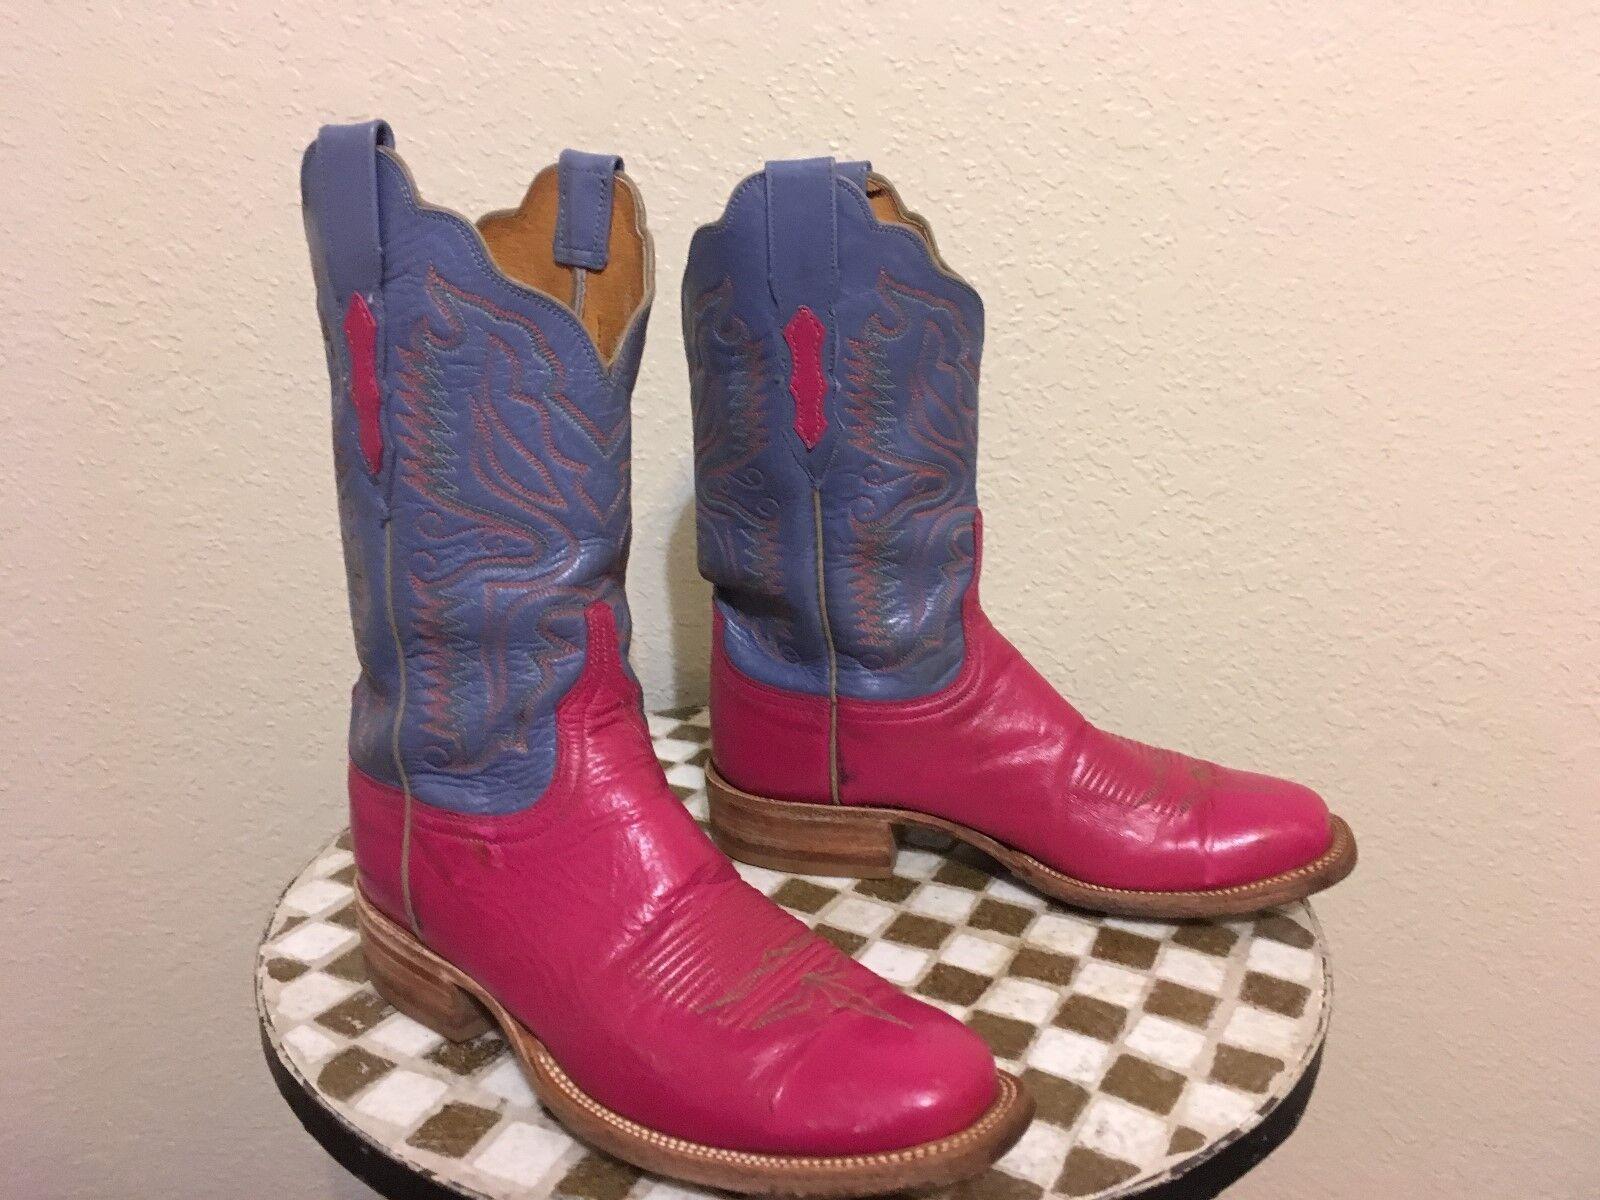 rosado rosado rosado LAVENDER LUCCHESE WESTERN COWBOY botas 9 B  el mas de moda